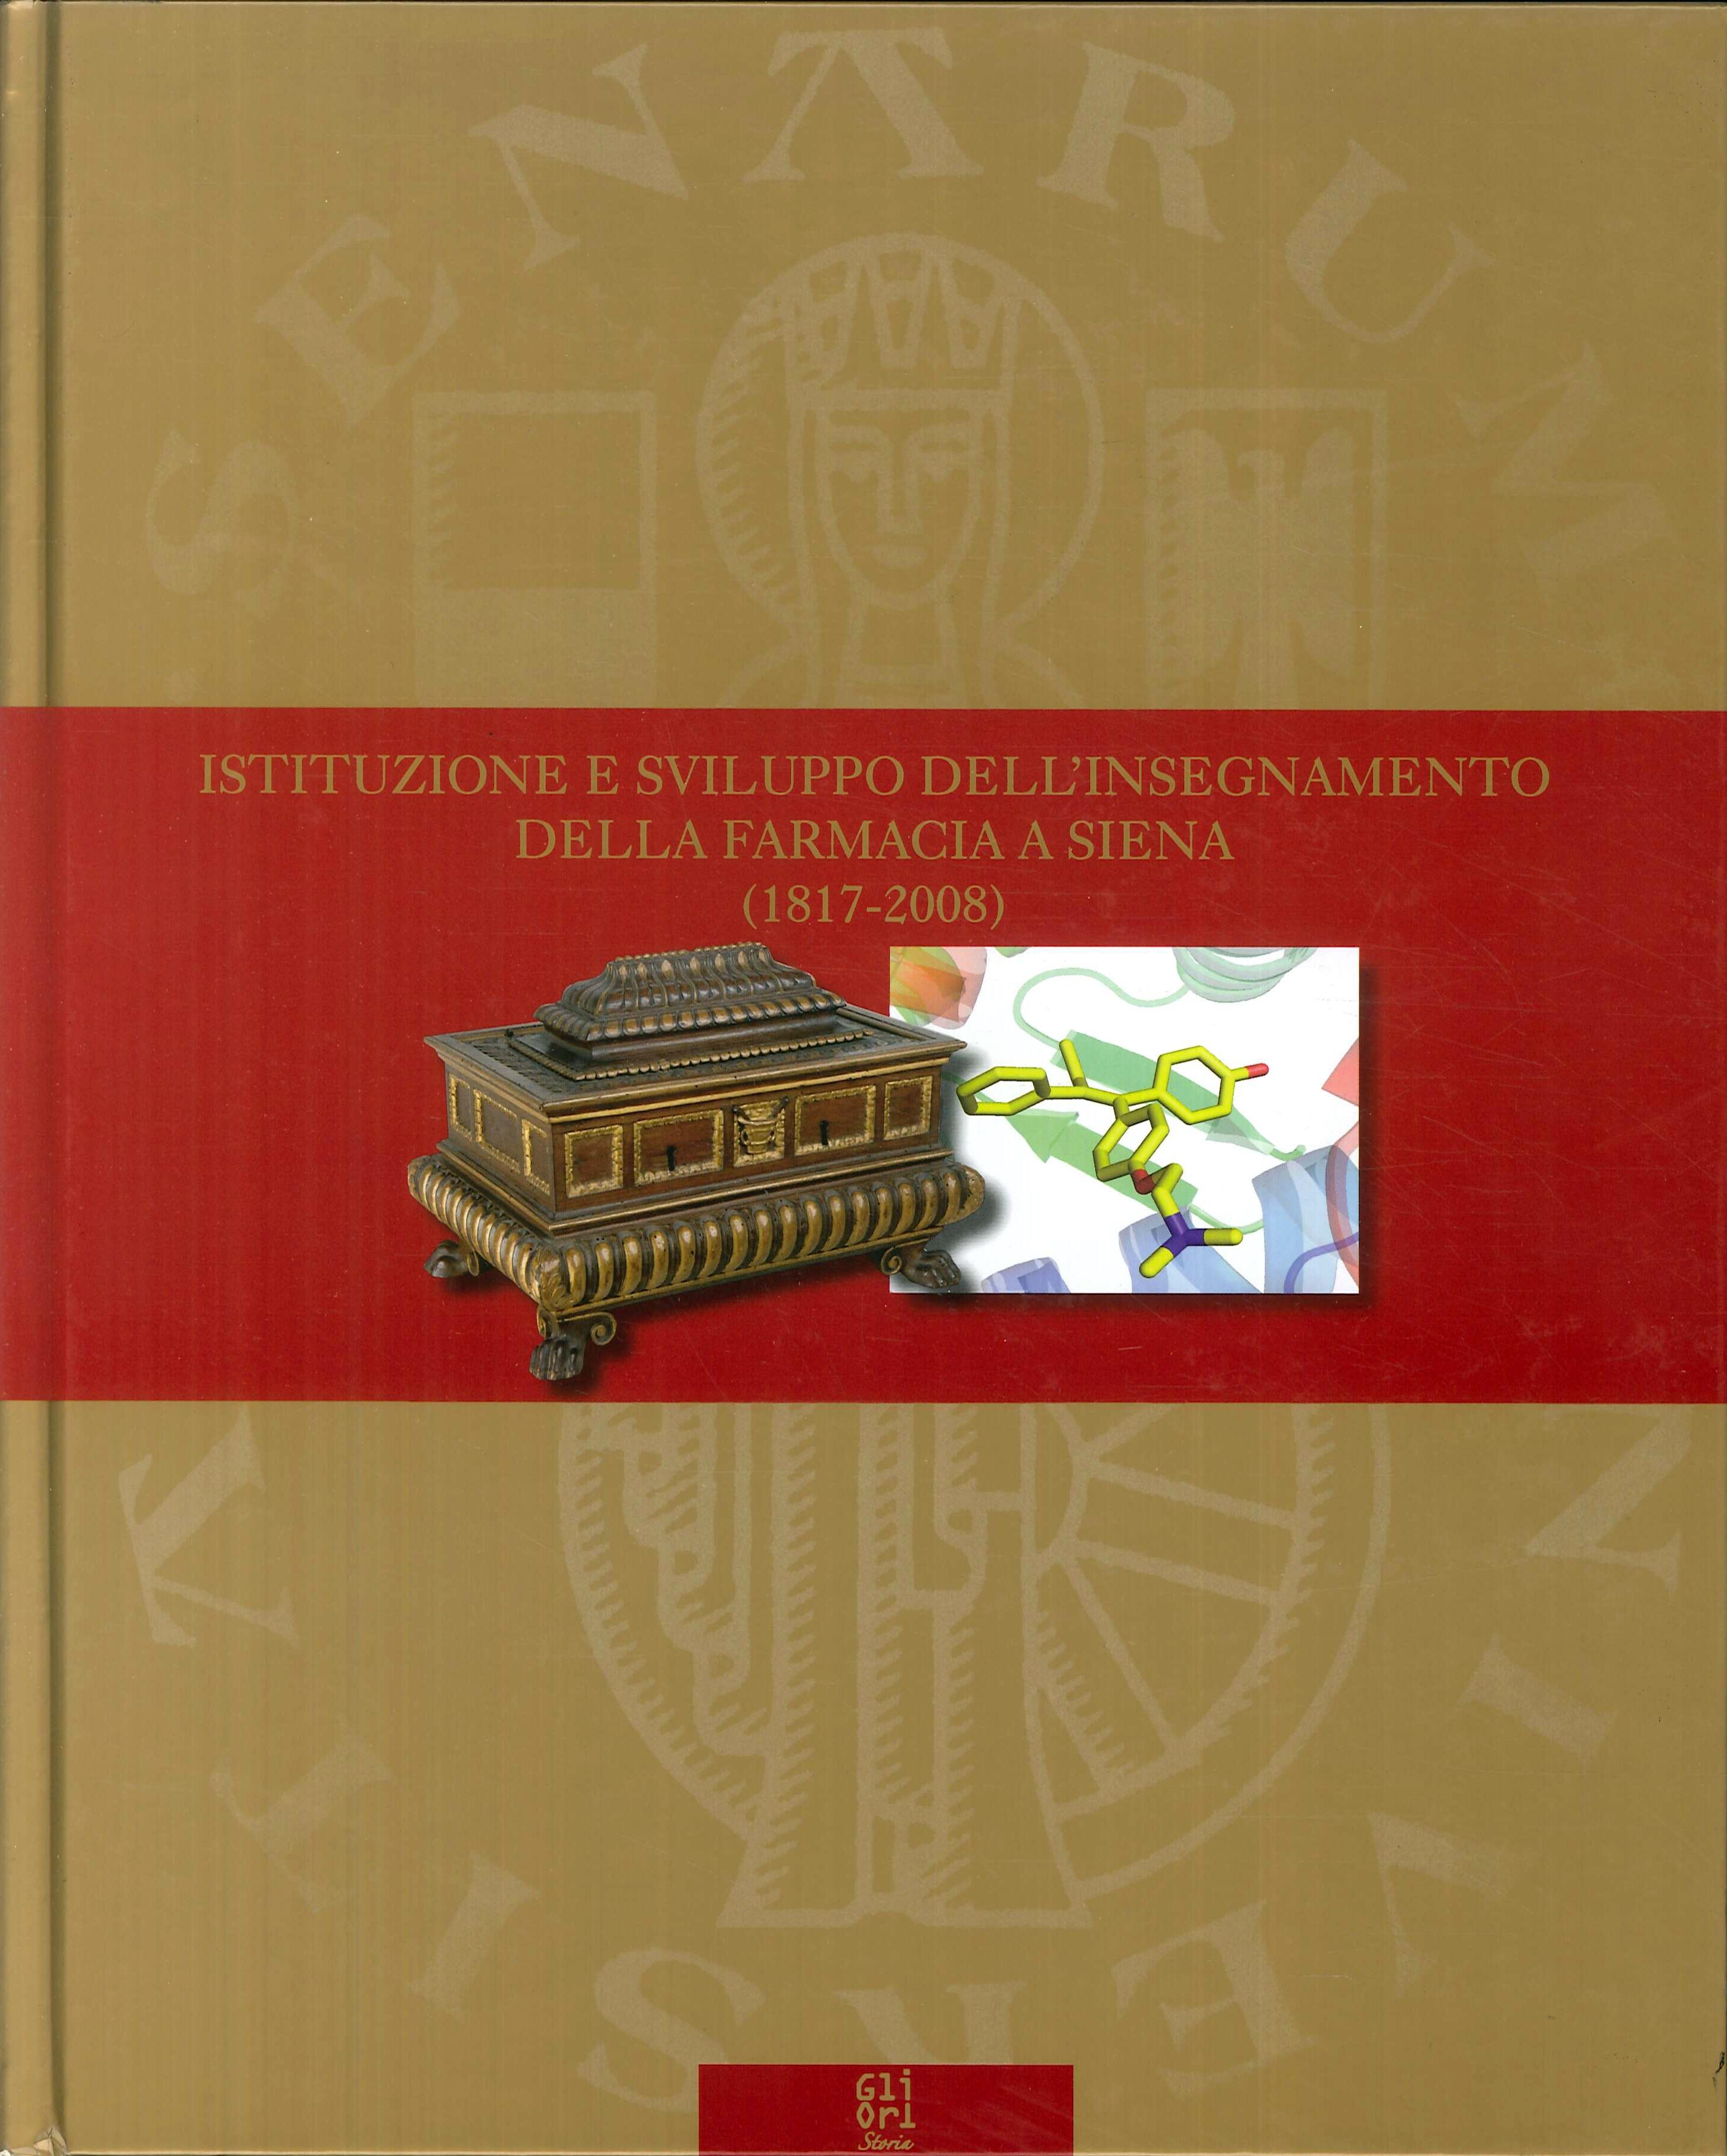 Istituzione e Sviluppo dell'Insegnamento della Farmacia a Siena.